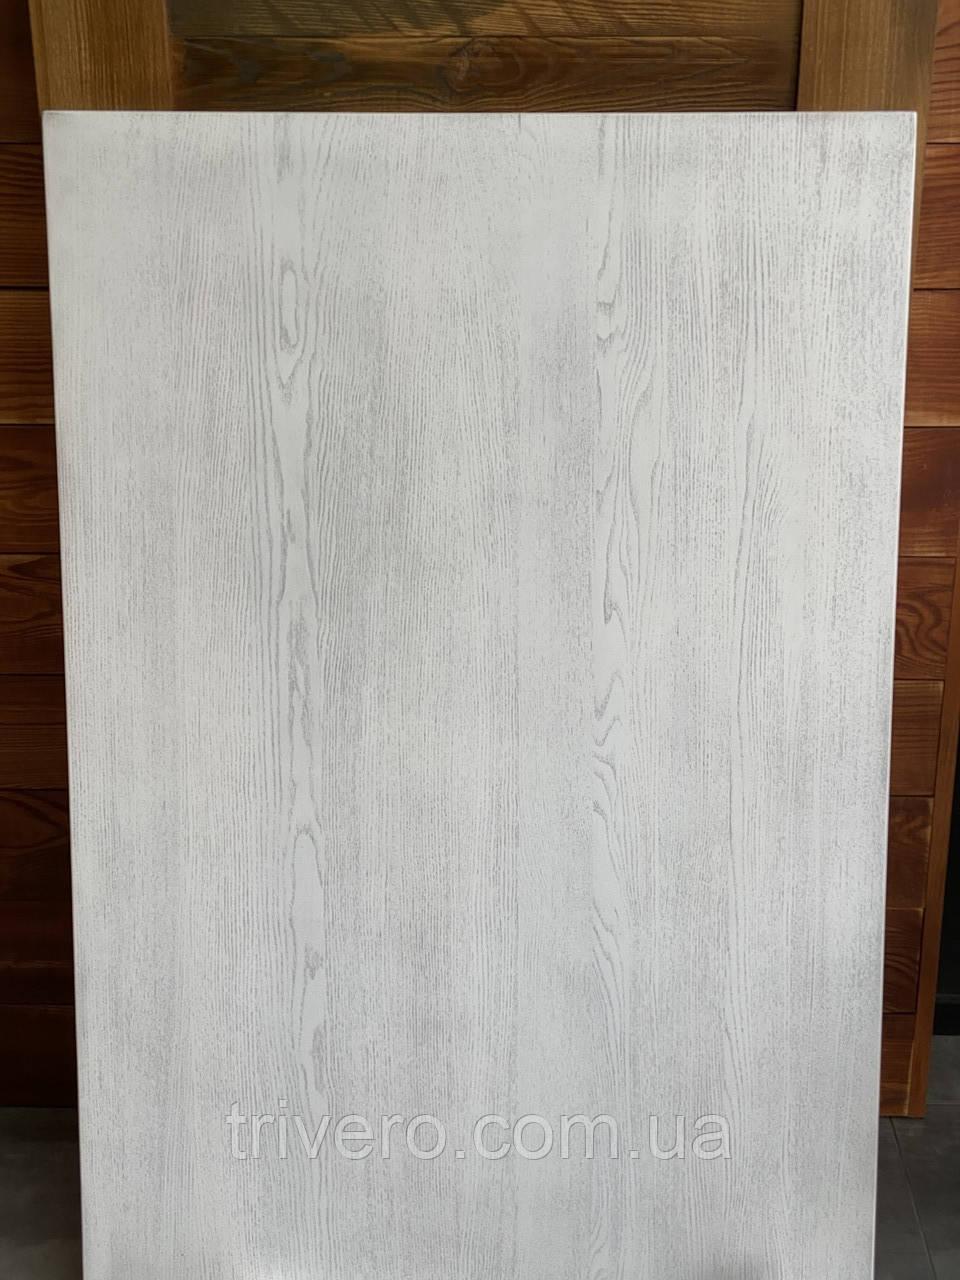 Дерев'яна стільниця. Стільниця з дерева під замовлення